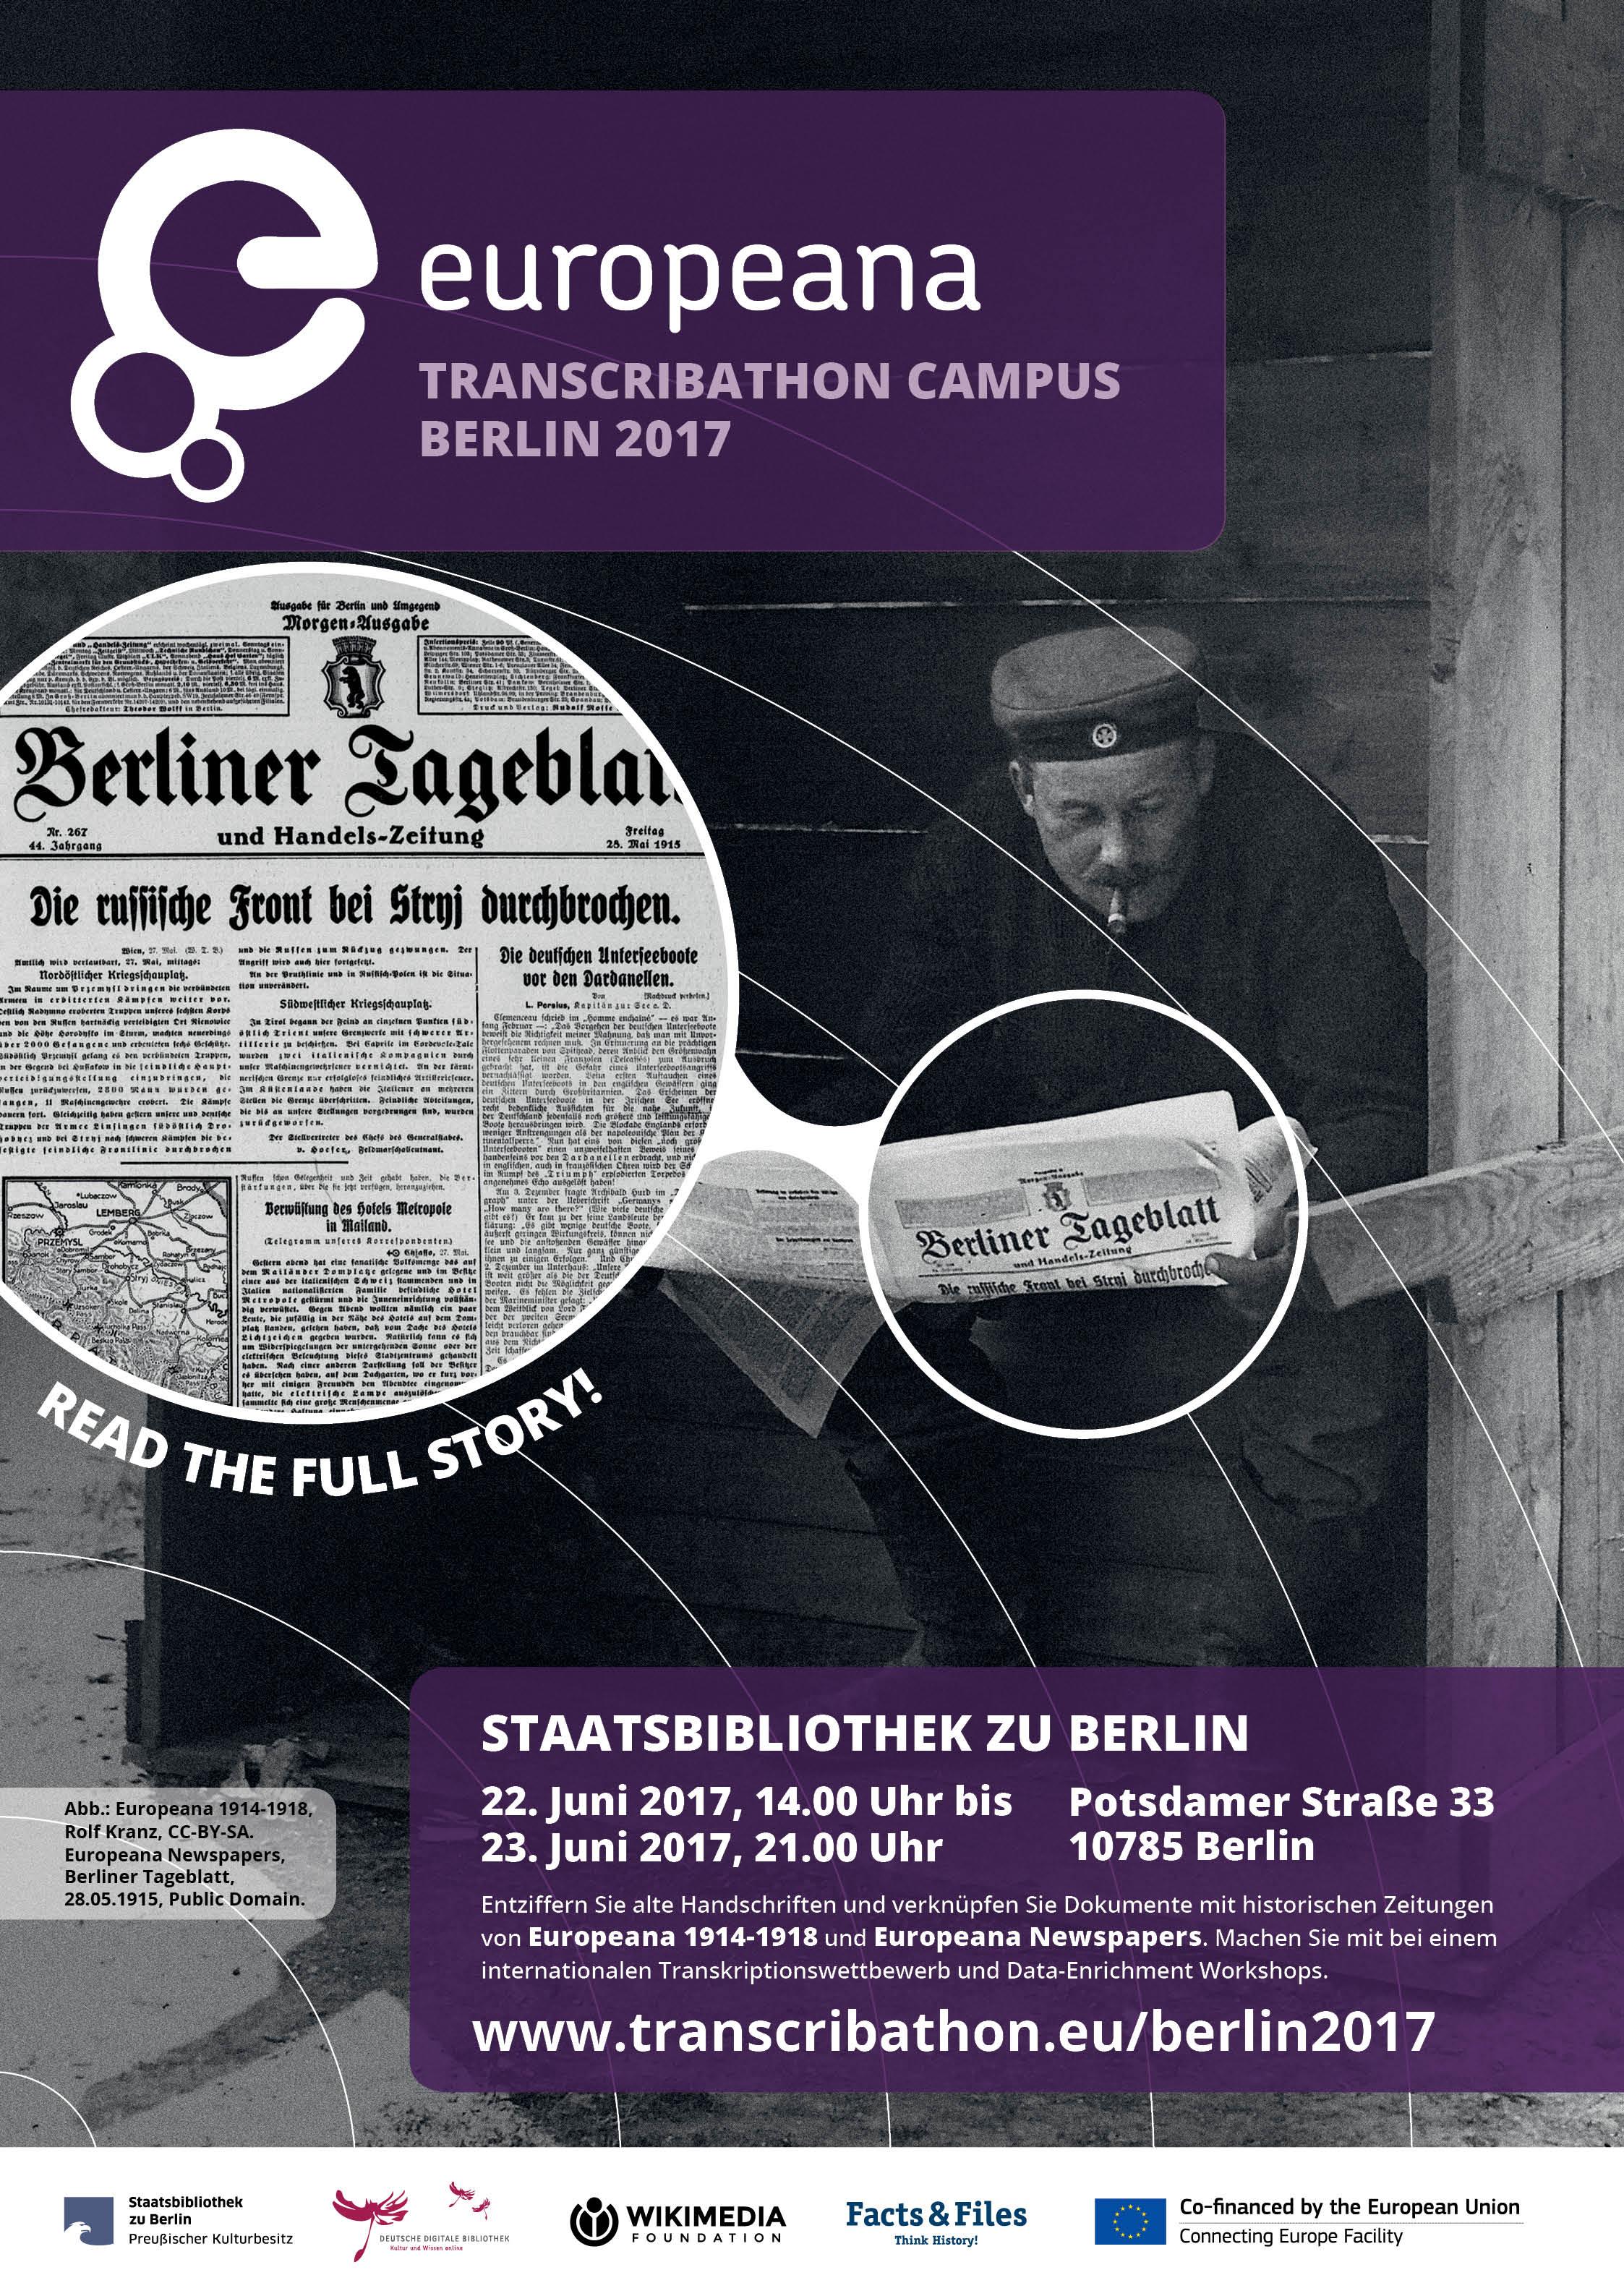 Transcribathon Campus Berlin 2017 Poster DE